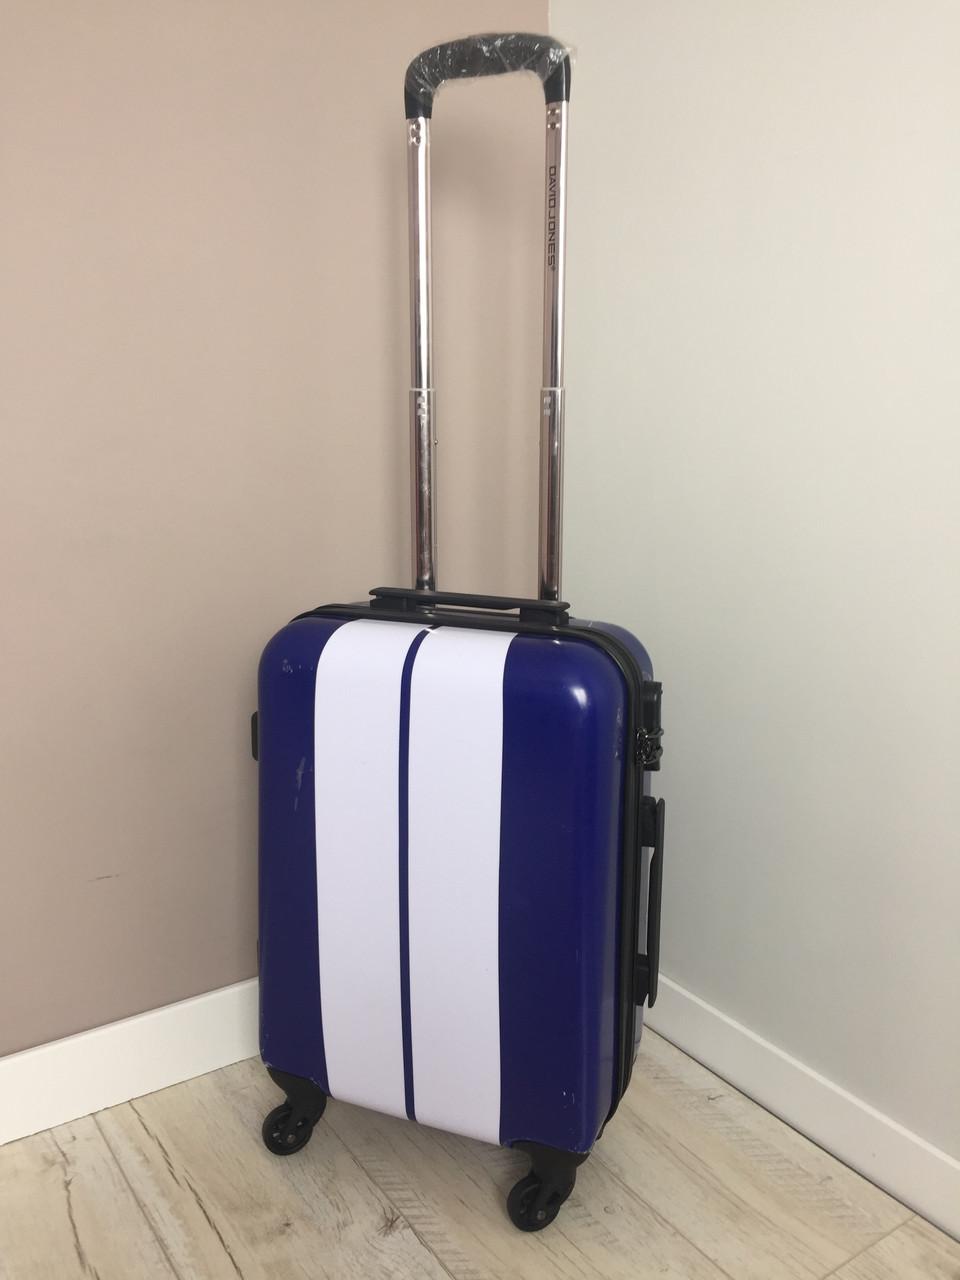 a8994164d2da Маленький чемодан David Jones 2061 синий (ручная кладь) - Интернет-магазин  чемоданов и